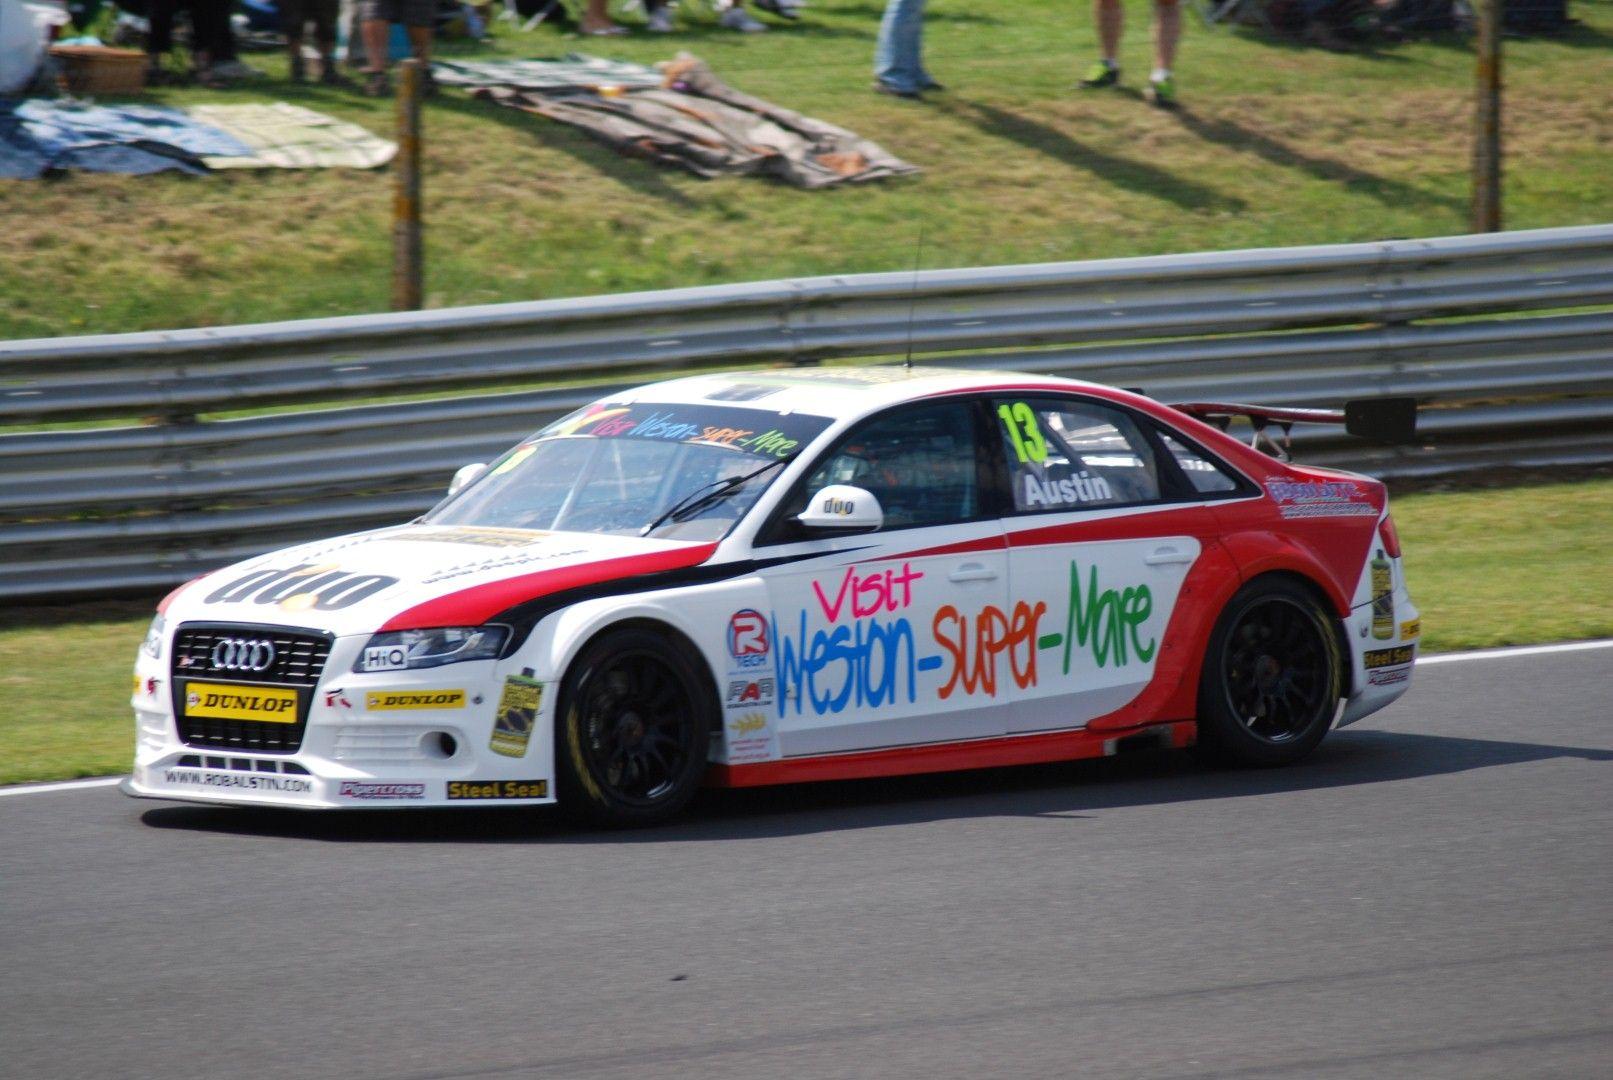 BTCC 2012 Btcc, Racing, Race cars